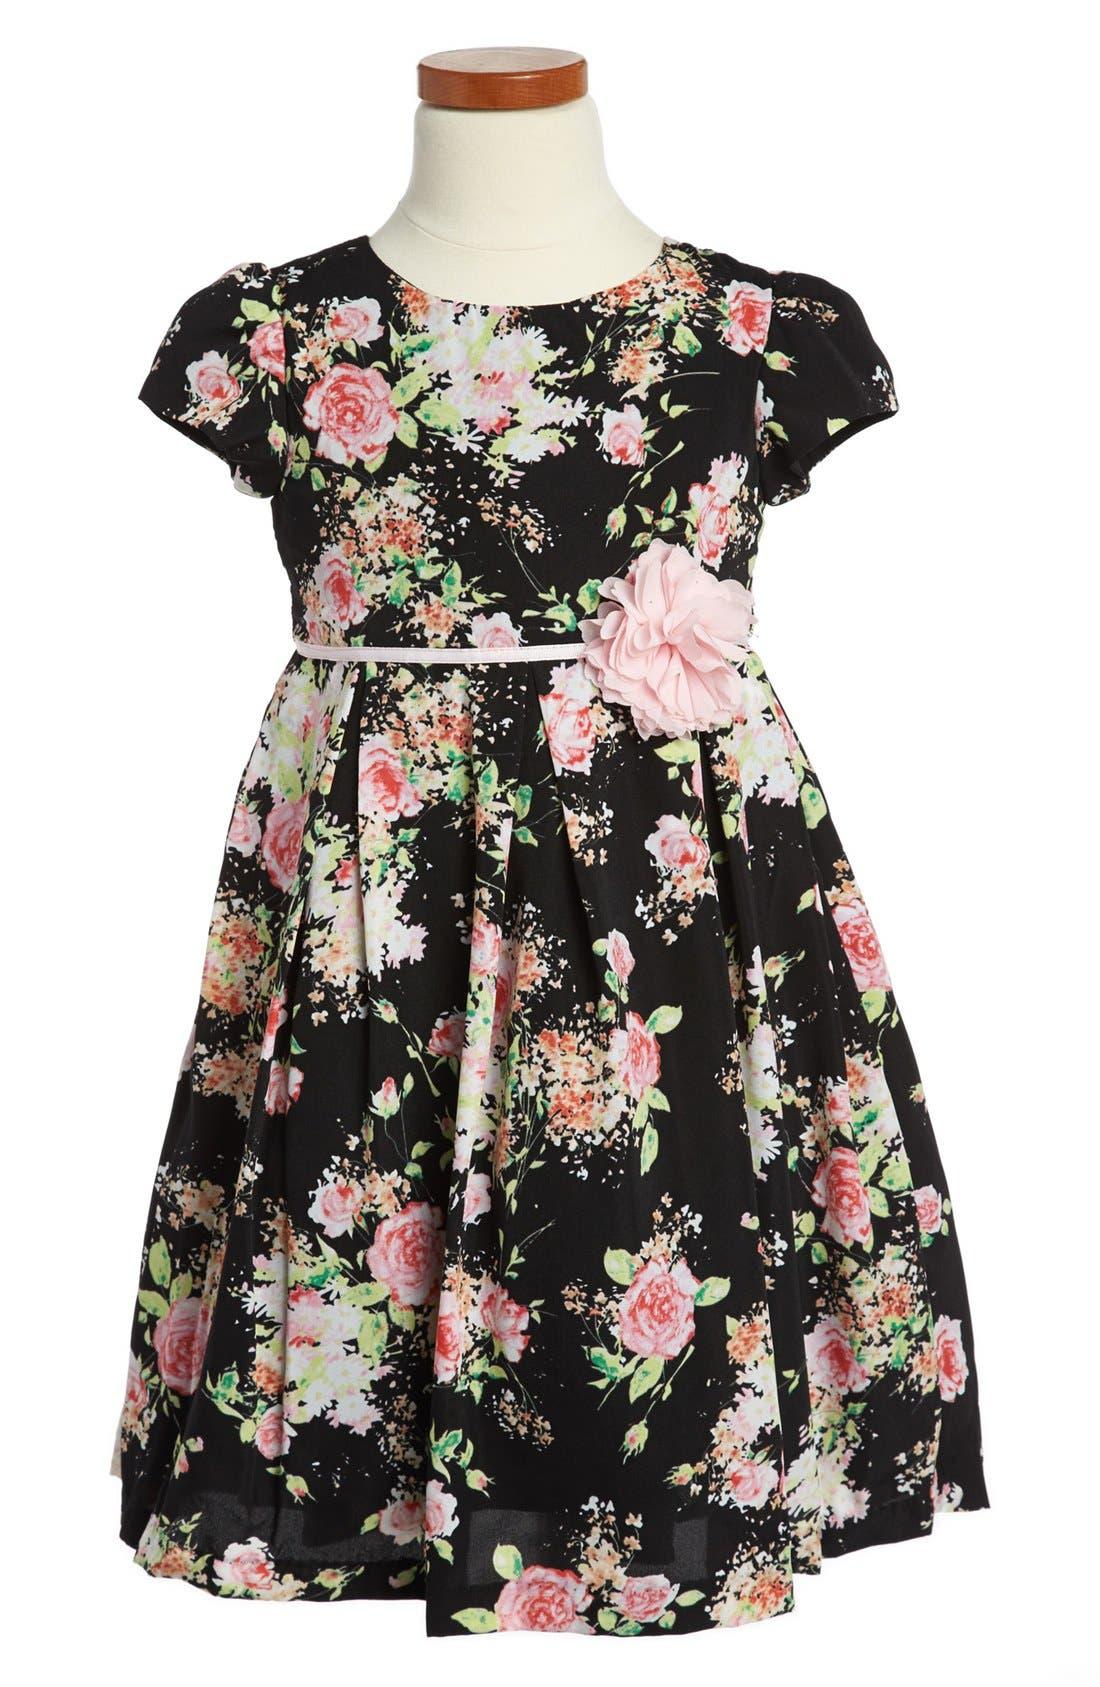 Alternate Image 1 Selected - Pippa & Julie Floral Print Dress (Little Girls)